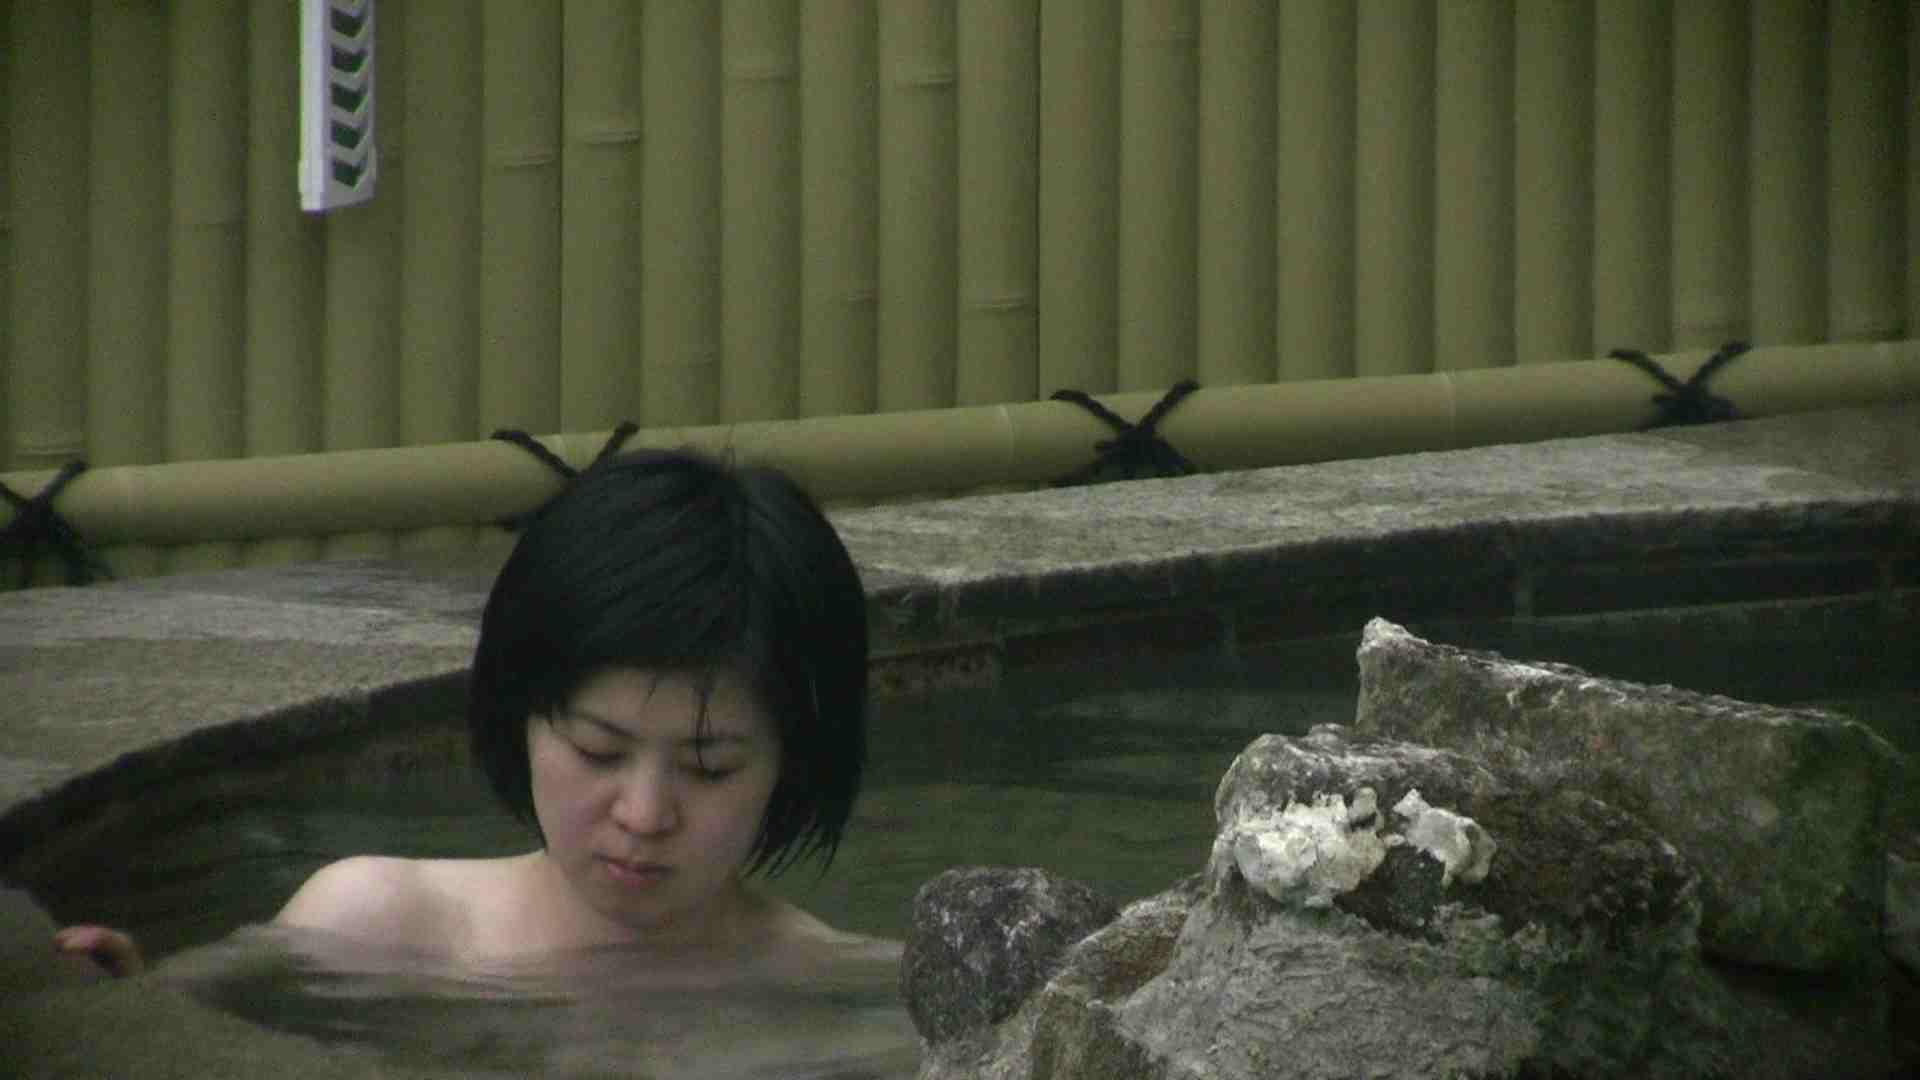 Aquaな露天風呂Vol.685 OLハメ撮り  42Pix 11